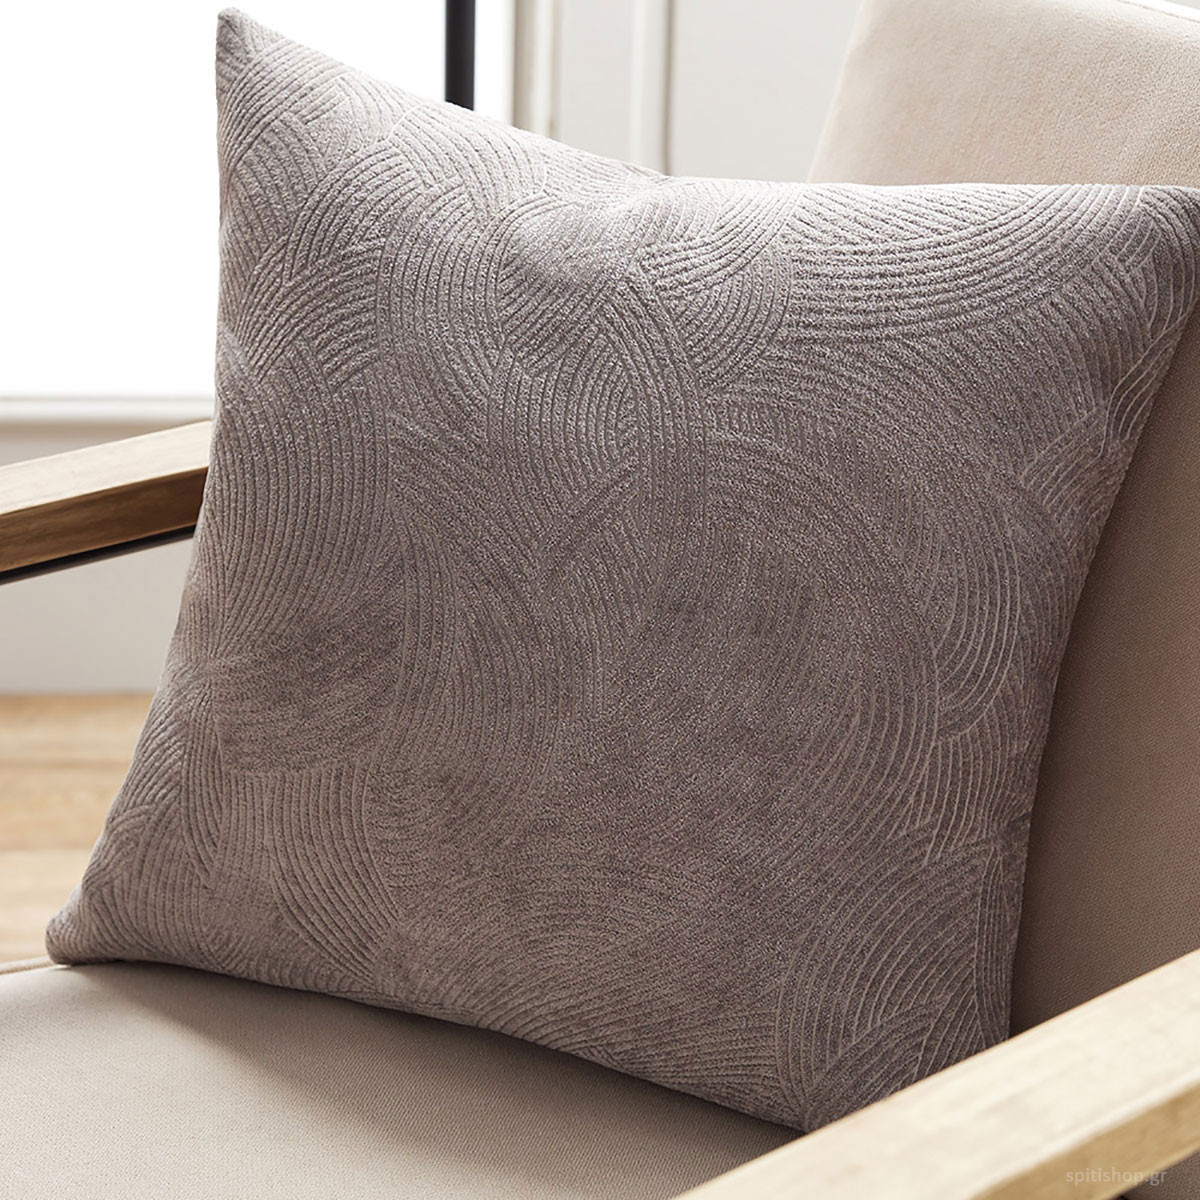 Διακοσμητική Μαξιλαροθήκη Gofis Home Nimbus Grey 447/15